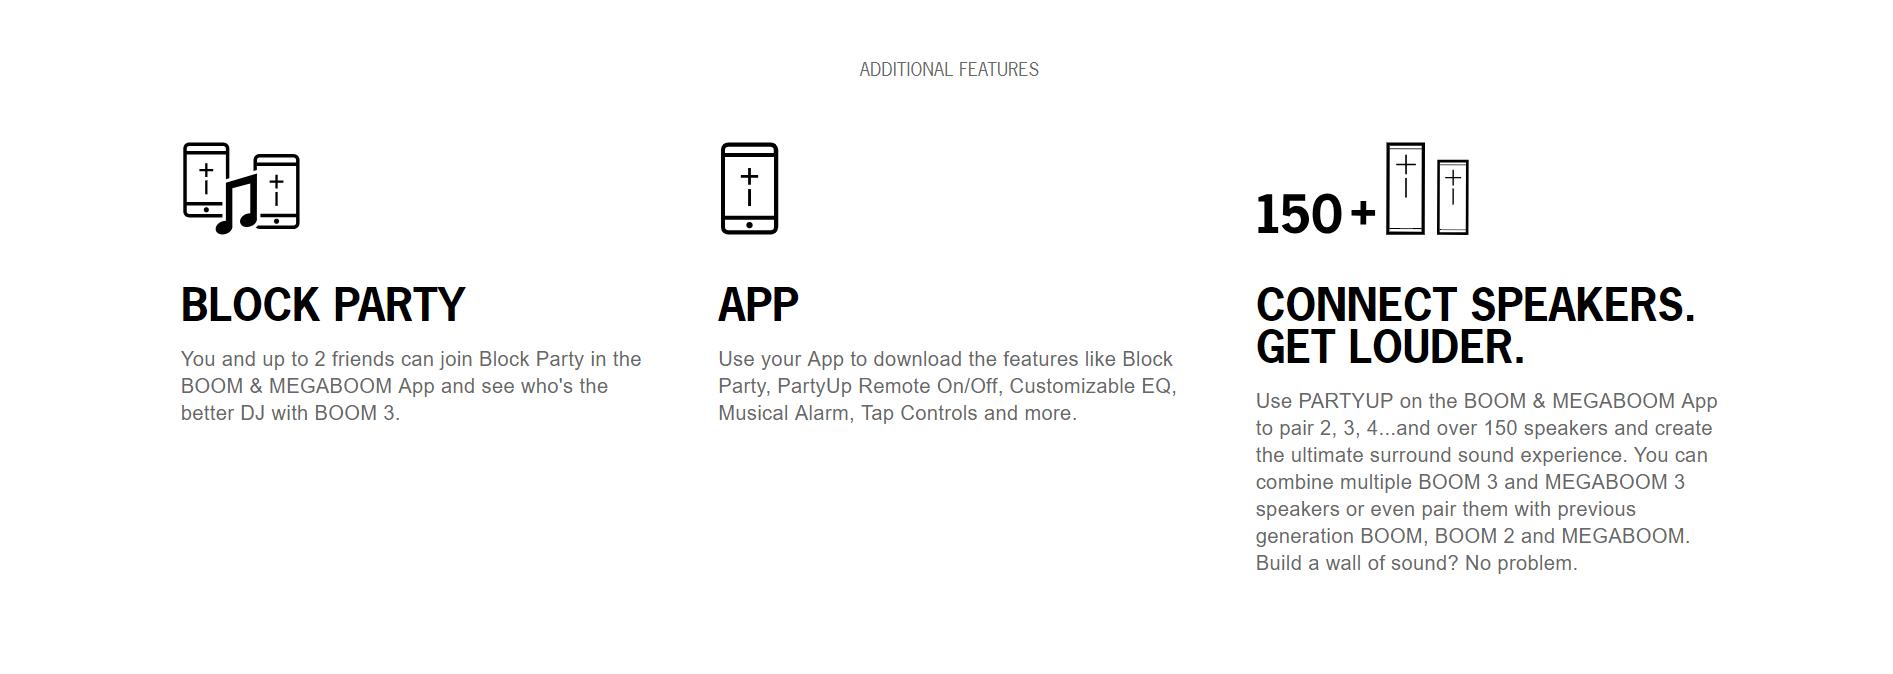 Ue Megaboom App